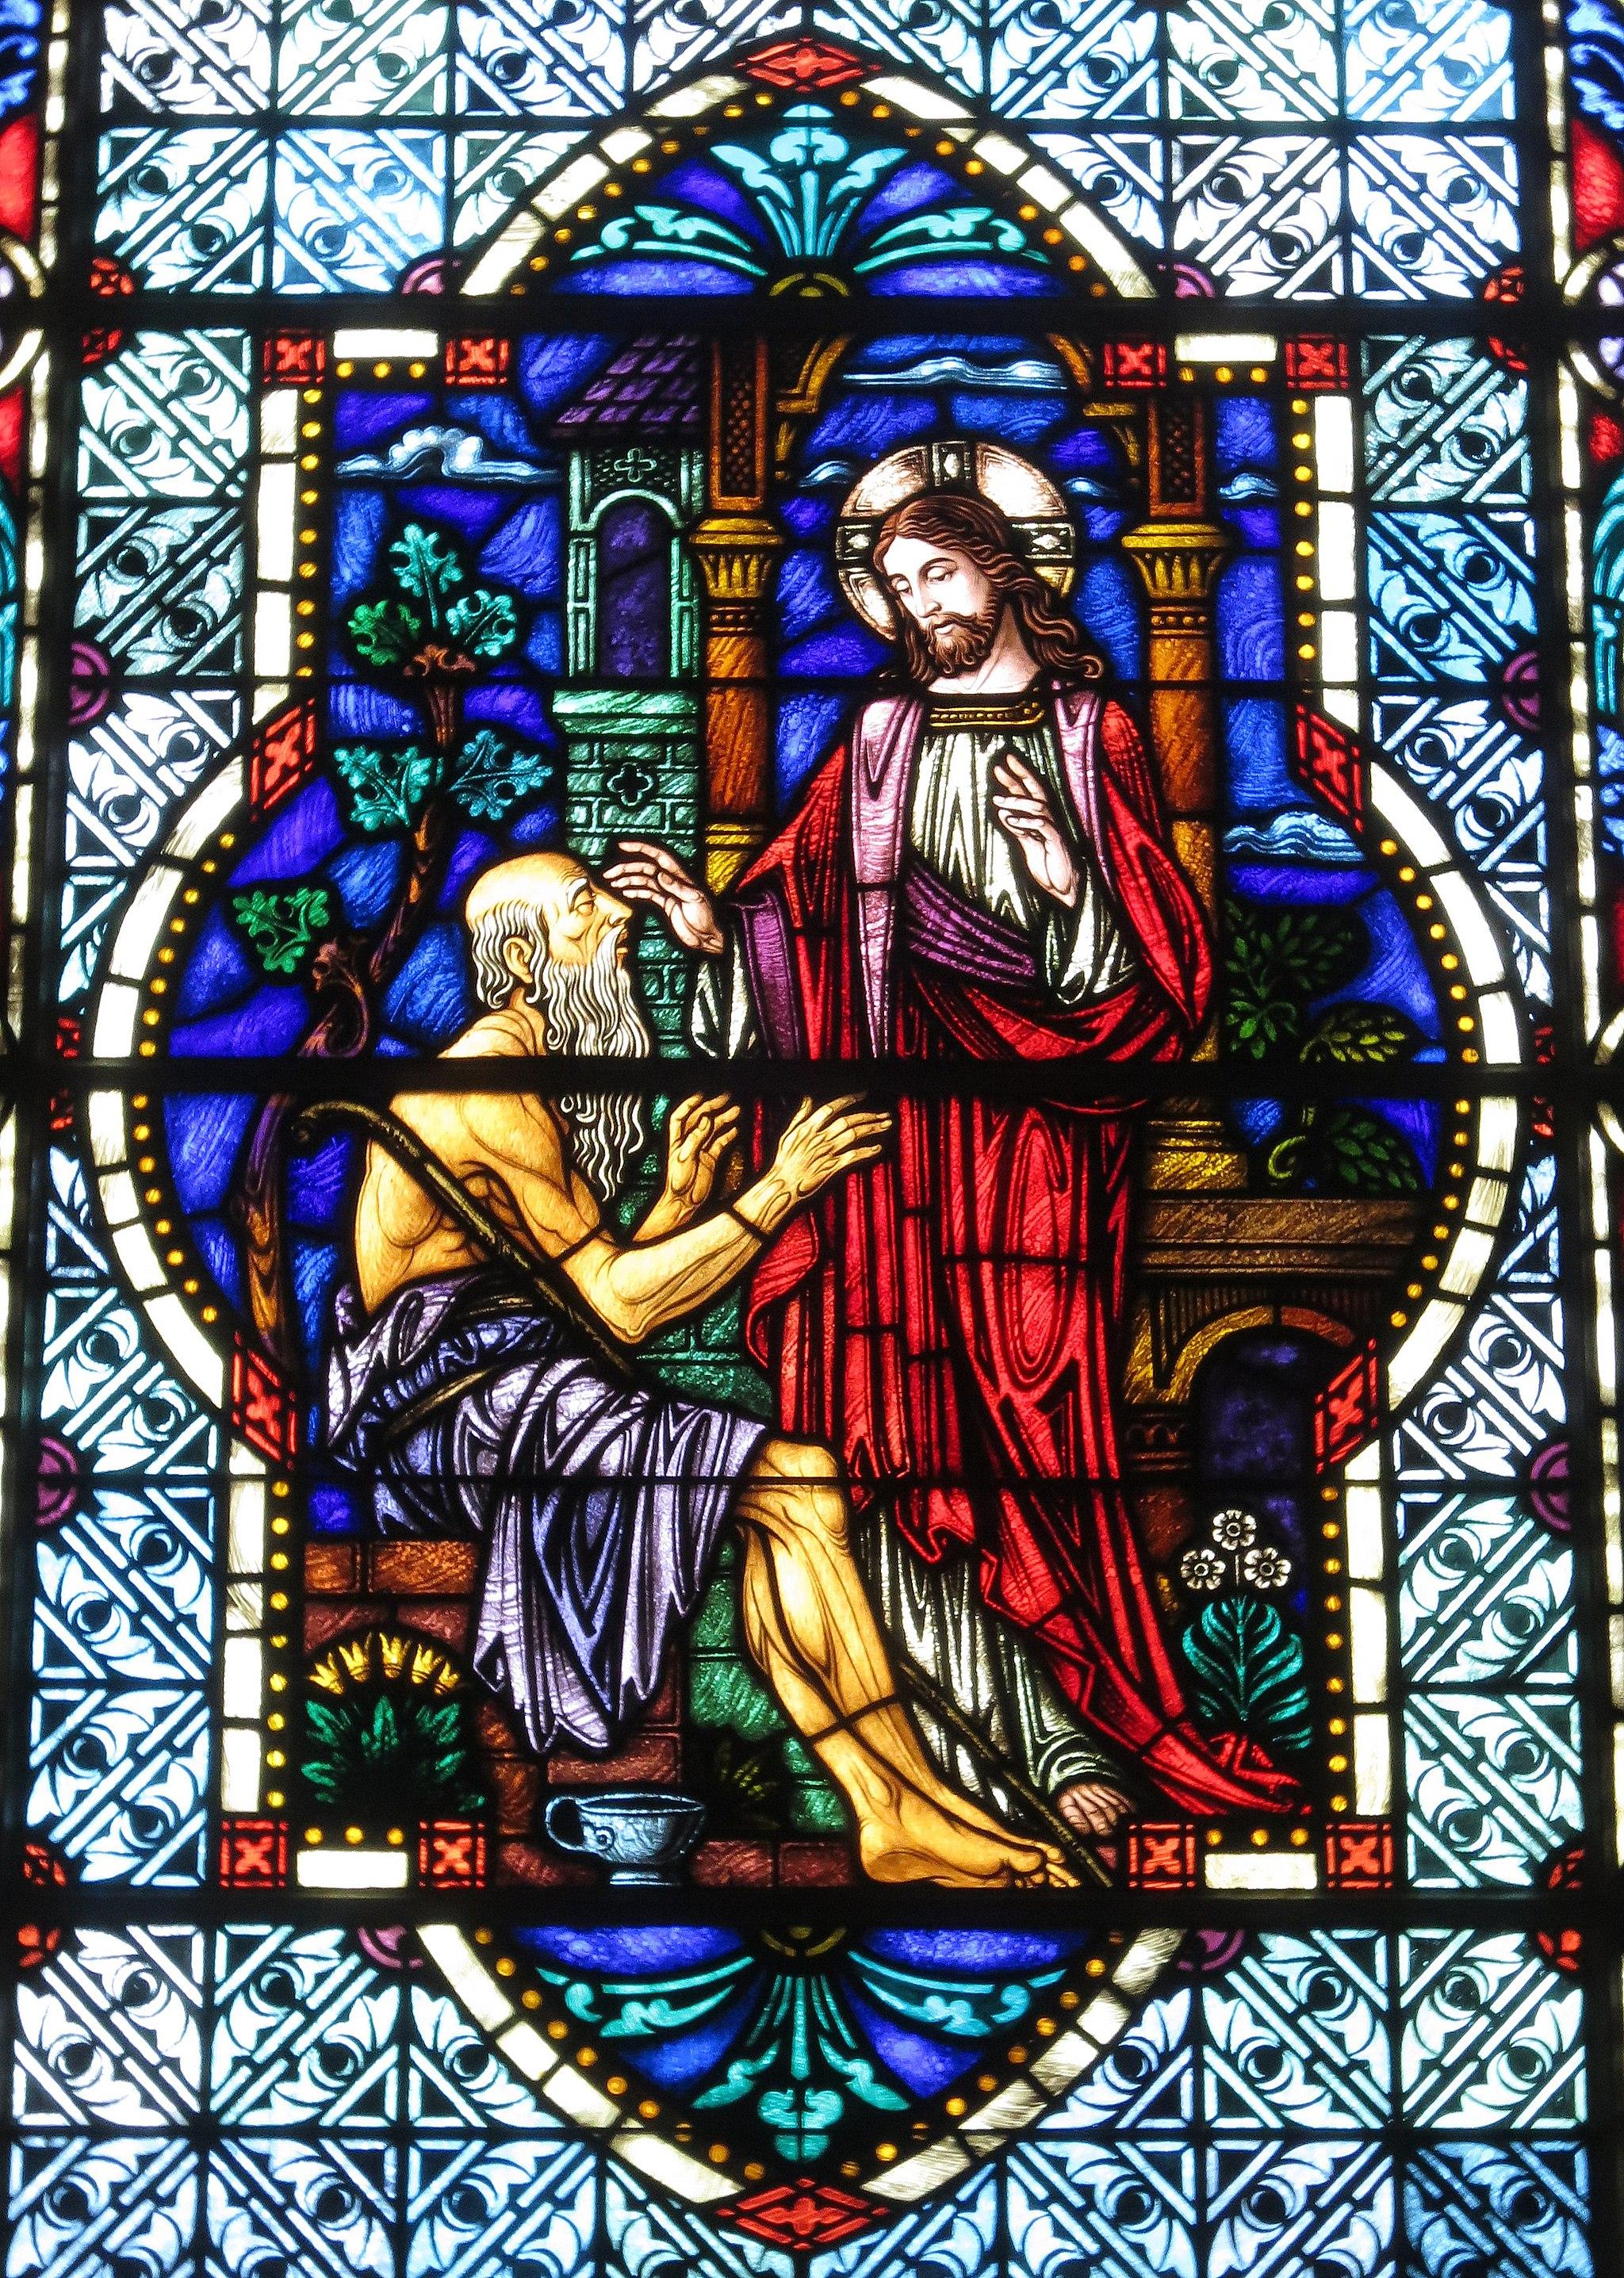 Cathedral Church of St. Patrick, Charlotte, North Carolina, USA. Source: Nheyob [CC BY-SA 4.0 (https://creativecommons.org/licenses/by-sa/4.0)]